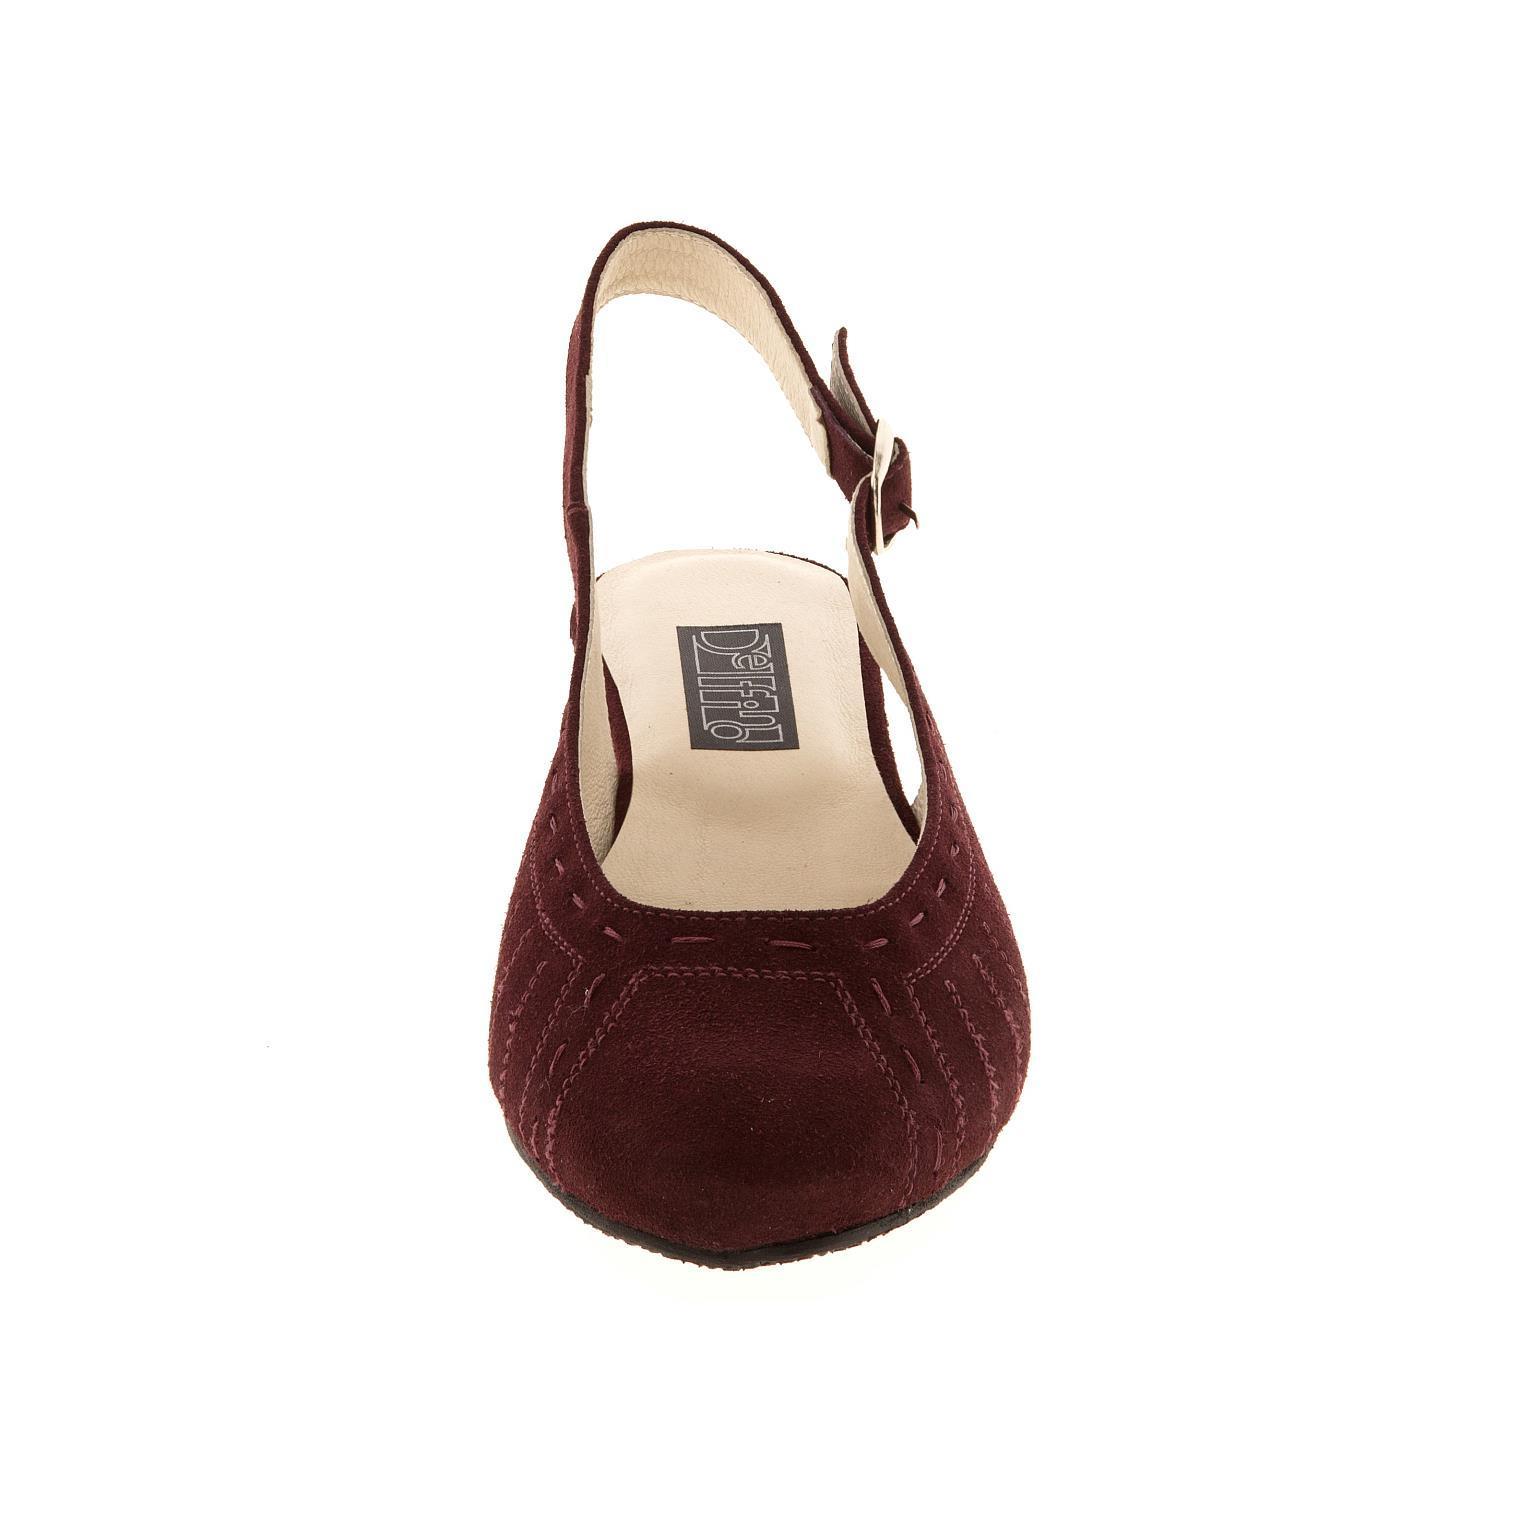 629198 туфли летние женские бордо больших размеров марки Делфино